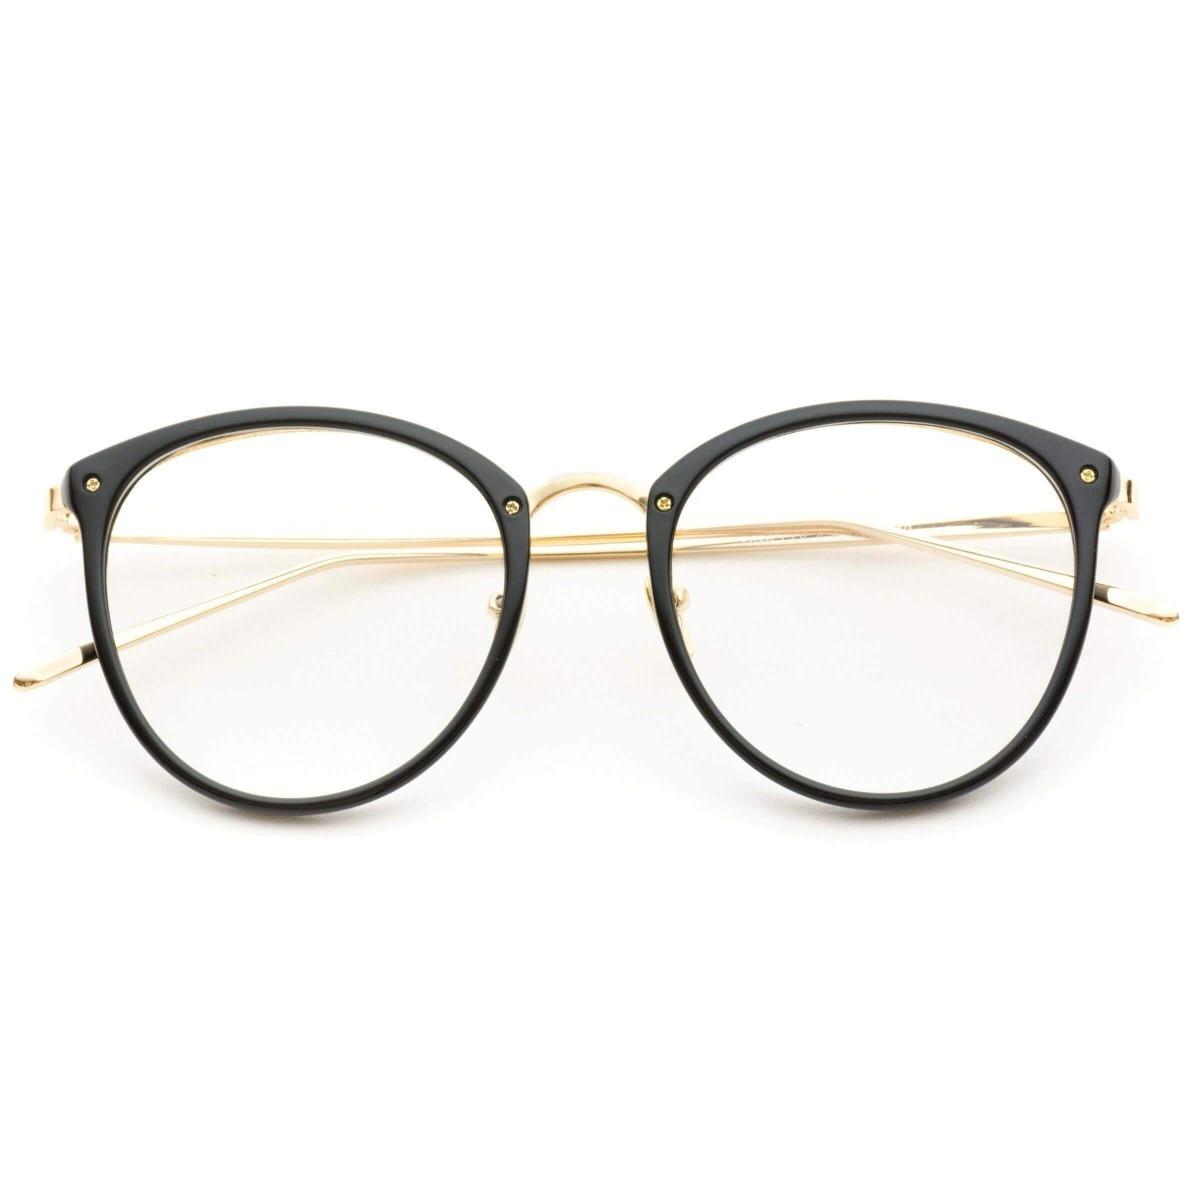 ddb877bf9ce9d Carregando zoom... armação oculos de grau prada original feminino várias  cores